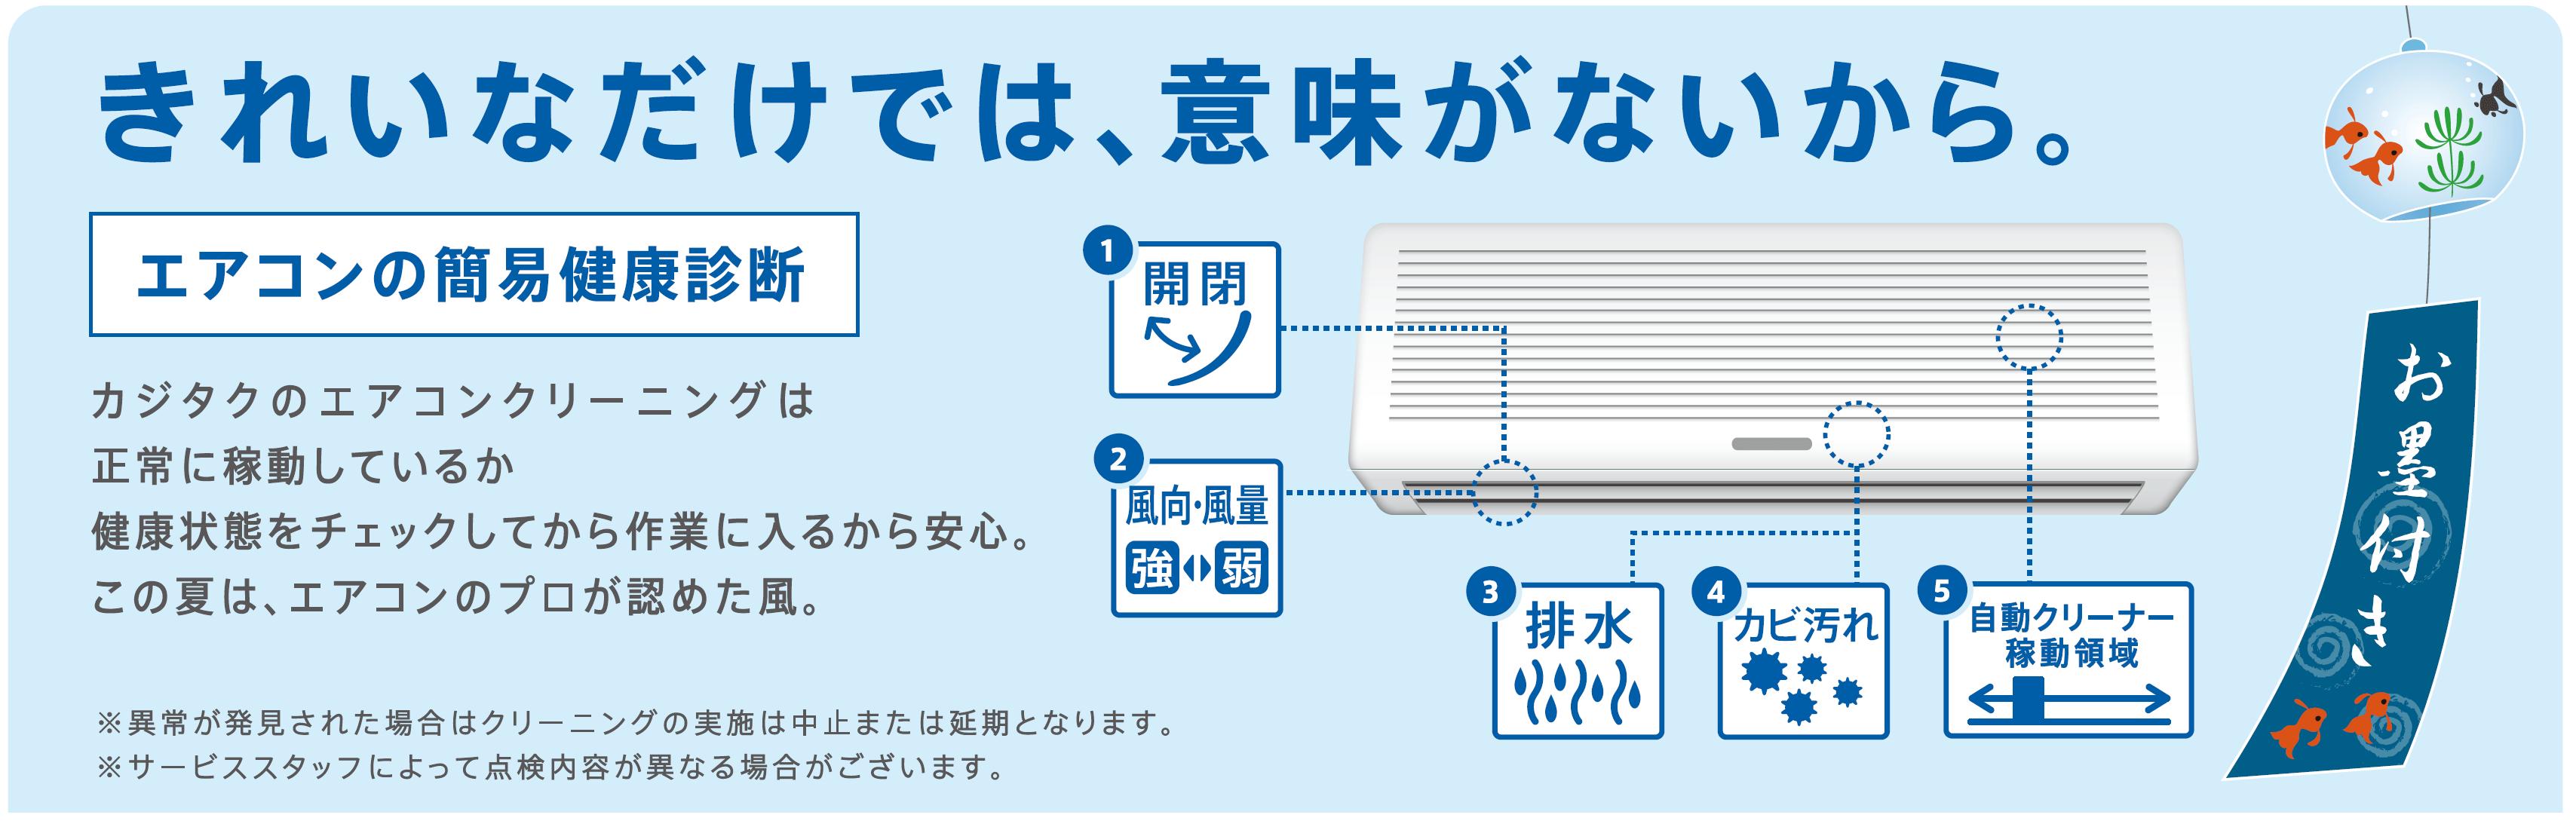 エアコンの簡易健康診断(1:開閉、2:風向・風量、3:排水、4:カビ汚れ、5:自動クリーナー可動領域)